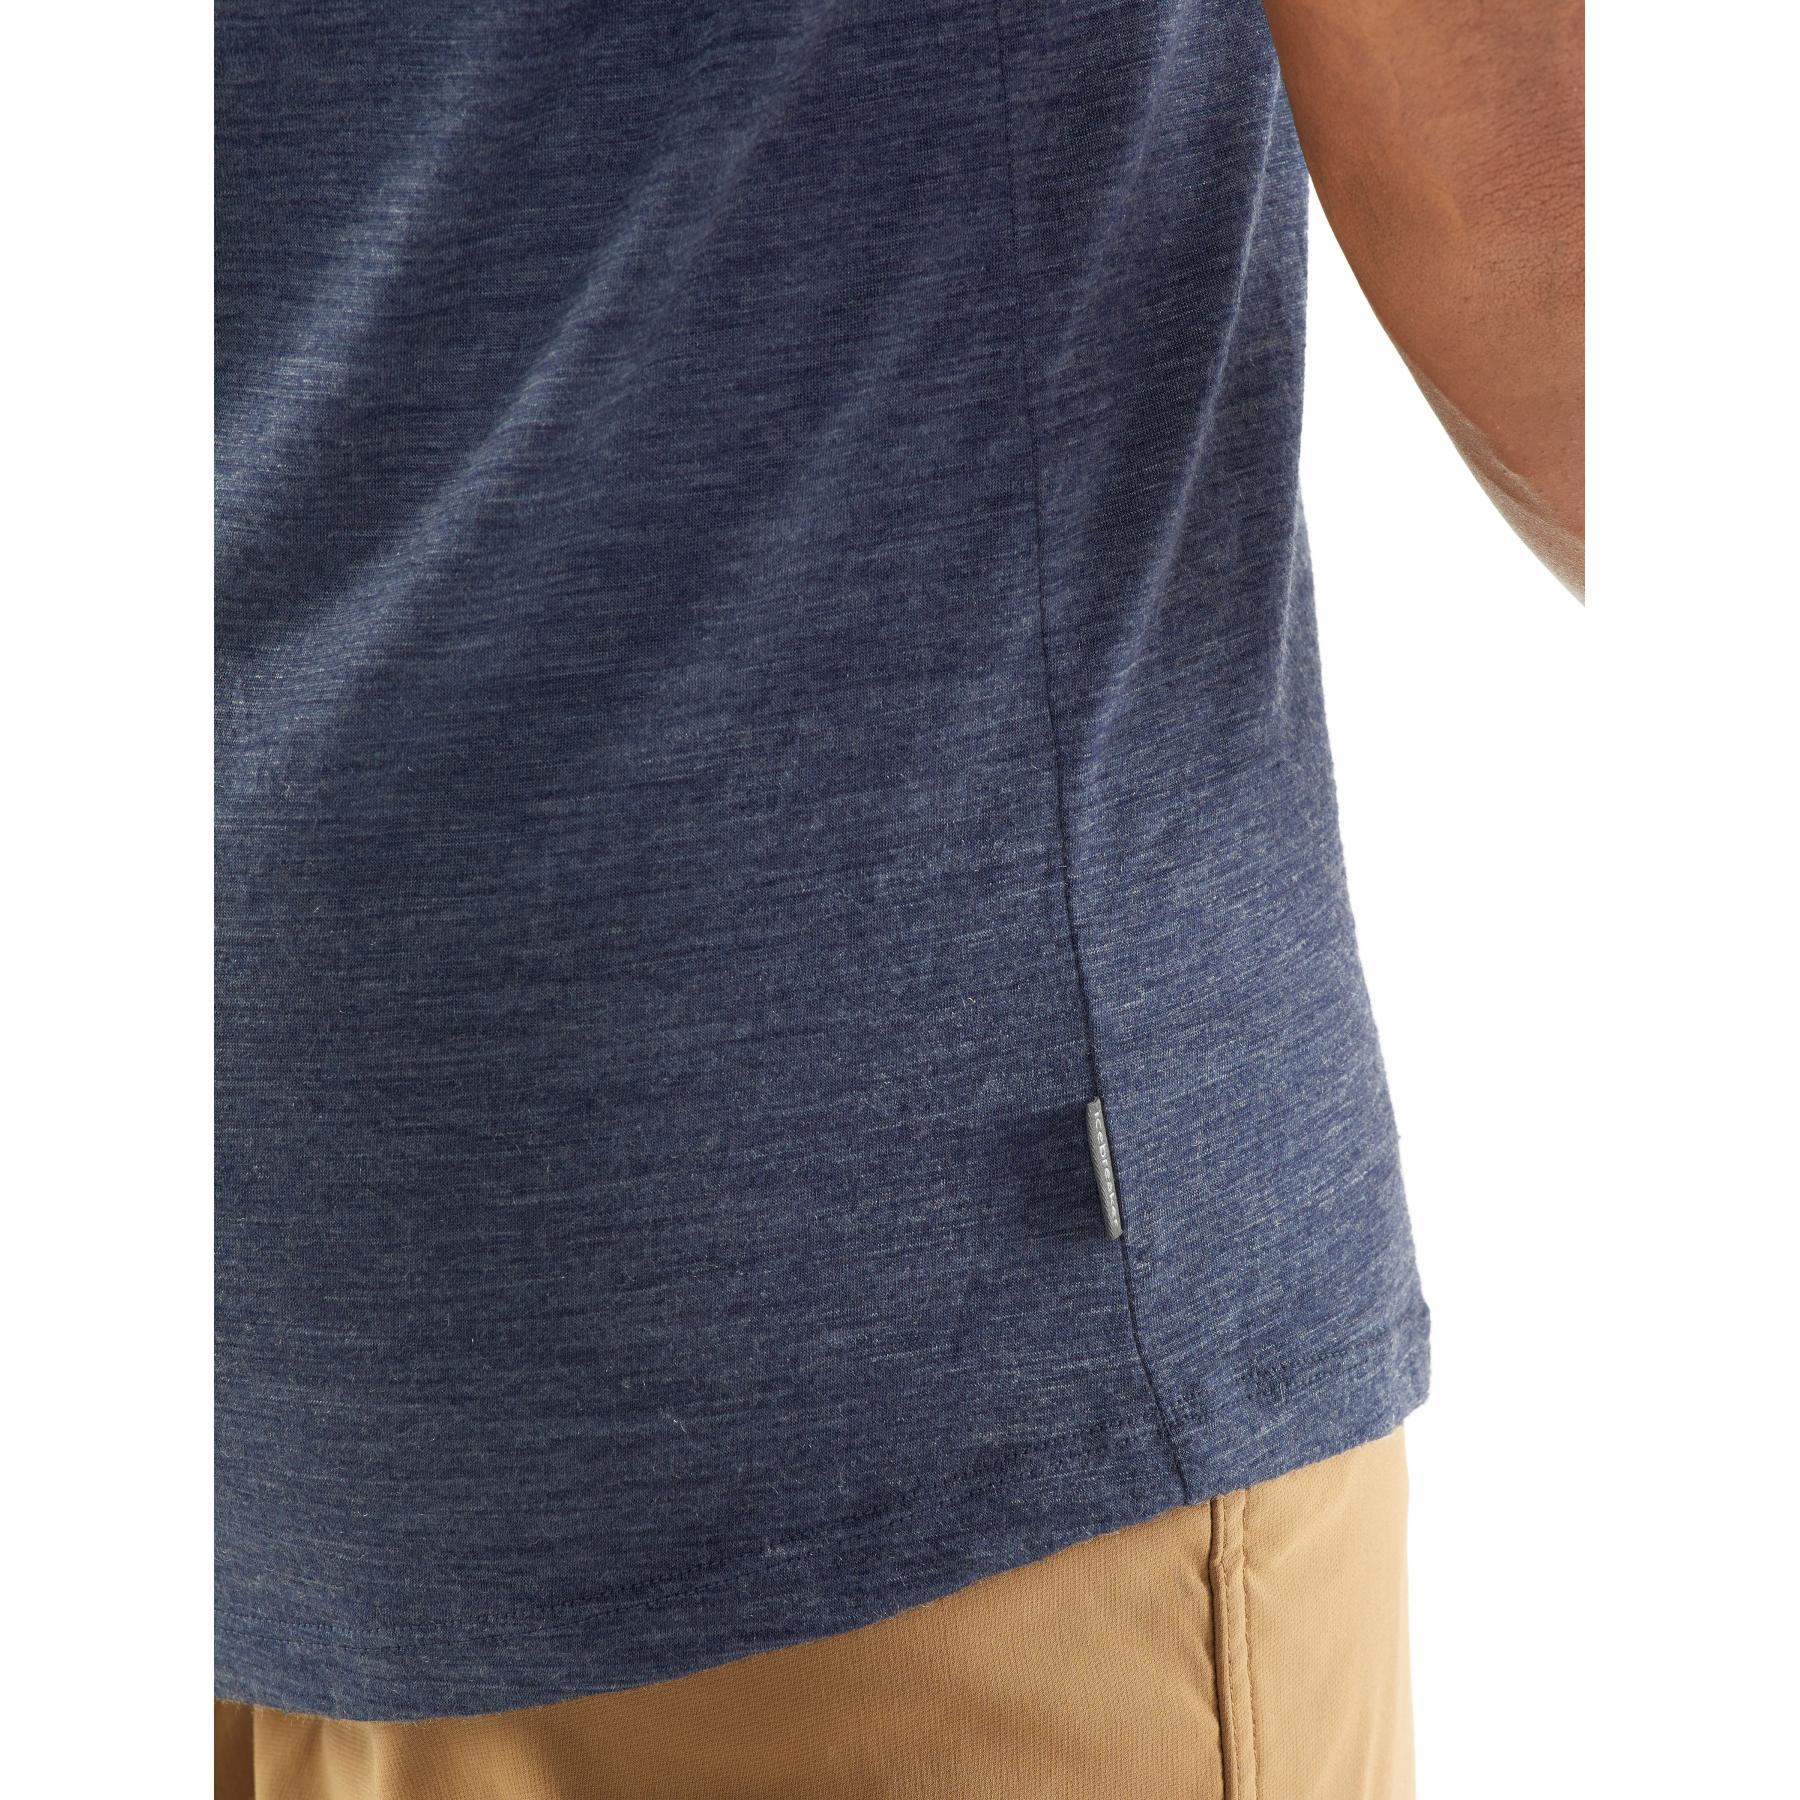 Bild von Icebreaker Sphere Crewe Herren T-Shirt - Roote HTHR